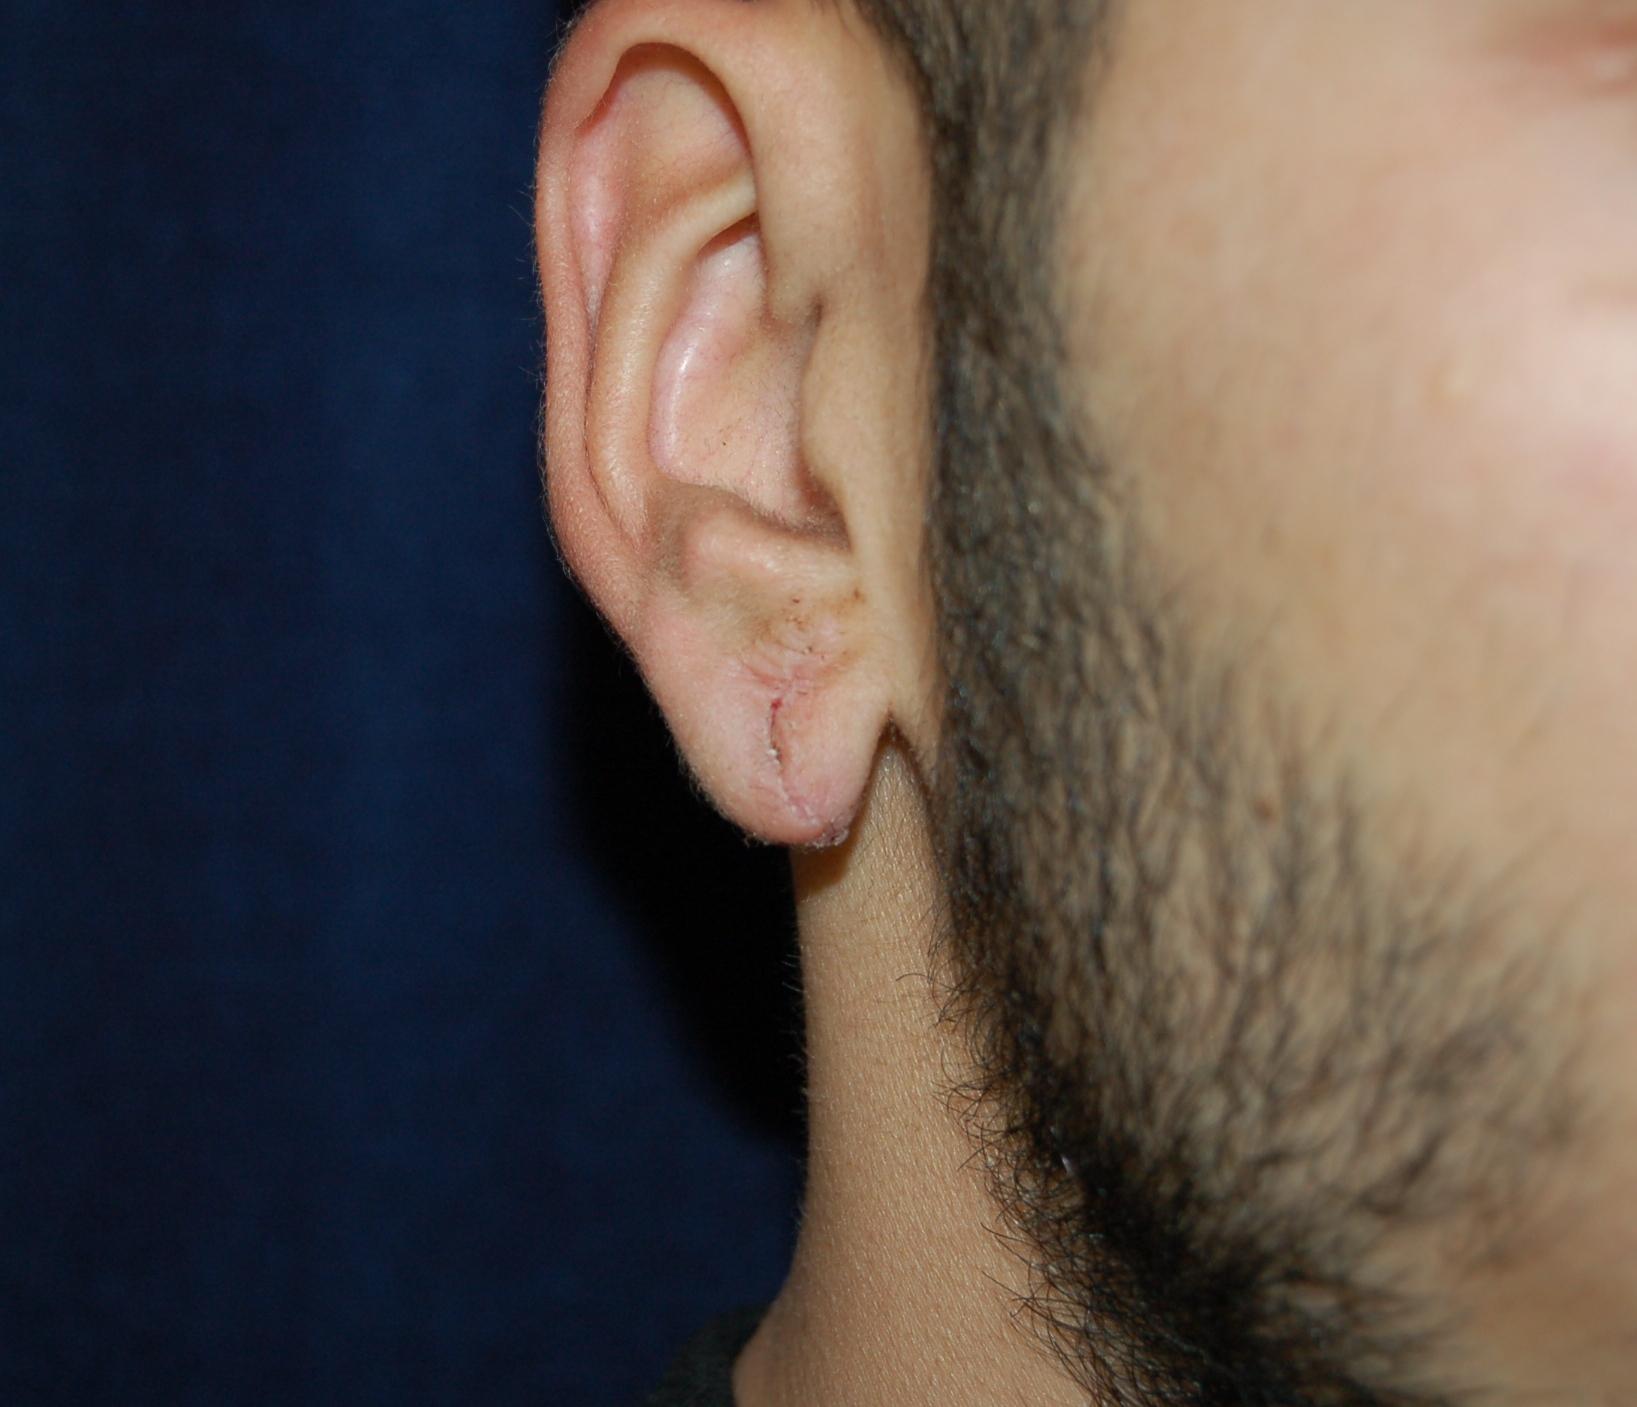 Otoplasty Ear Pinning Surgery Sacramento Roseville Stockton